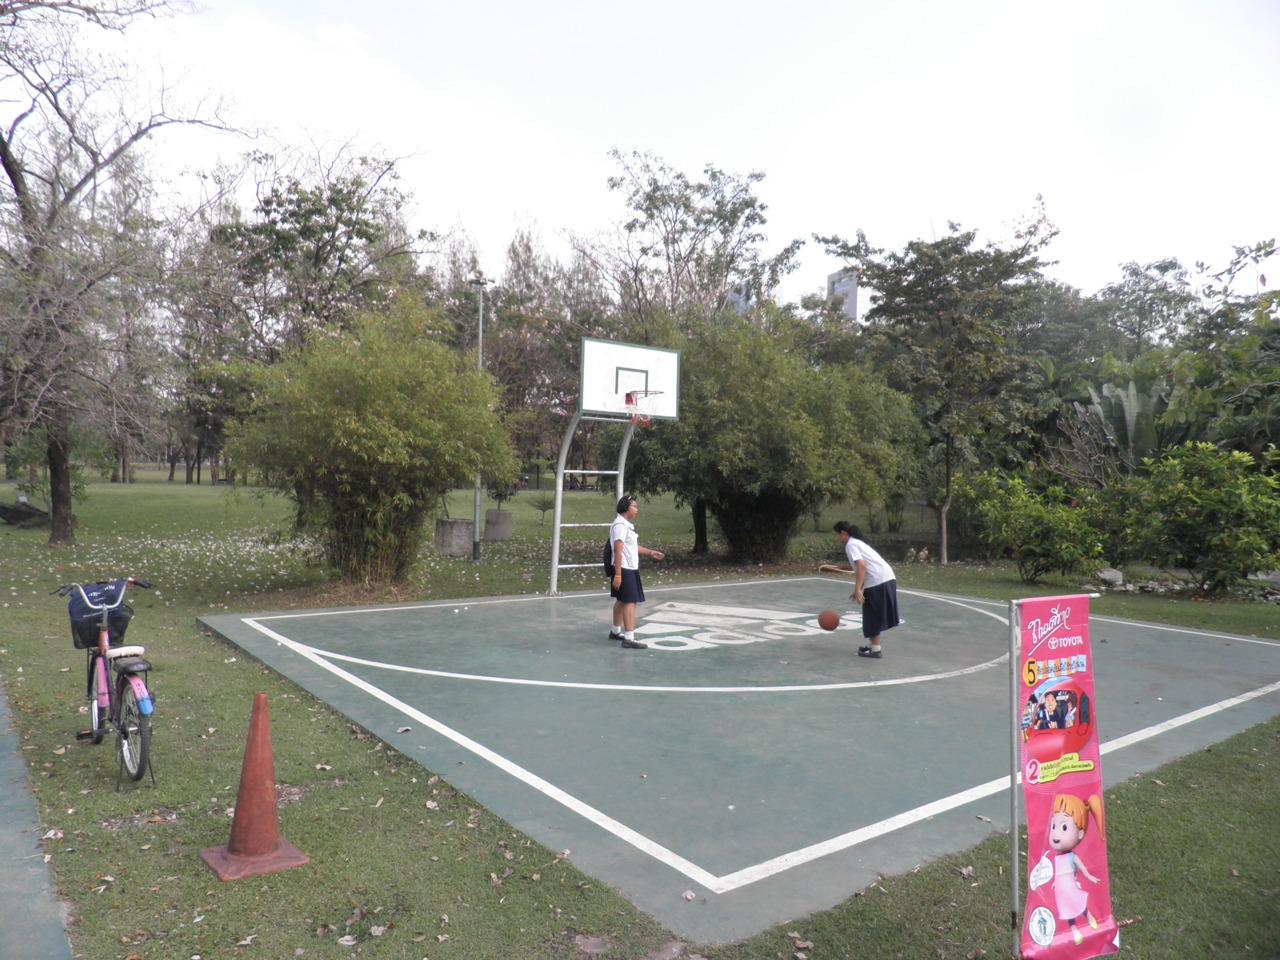 Bob and Kat shooting hoops.